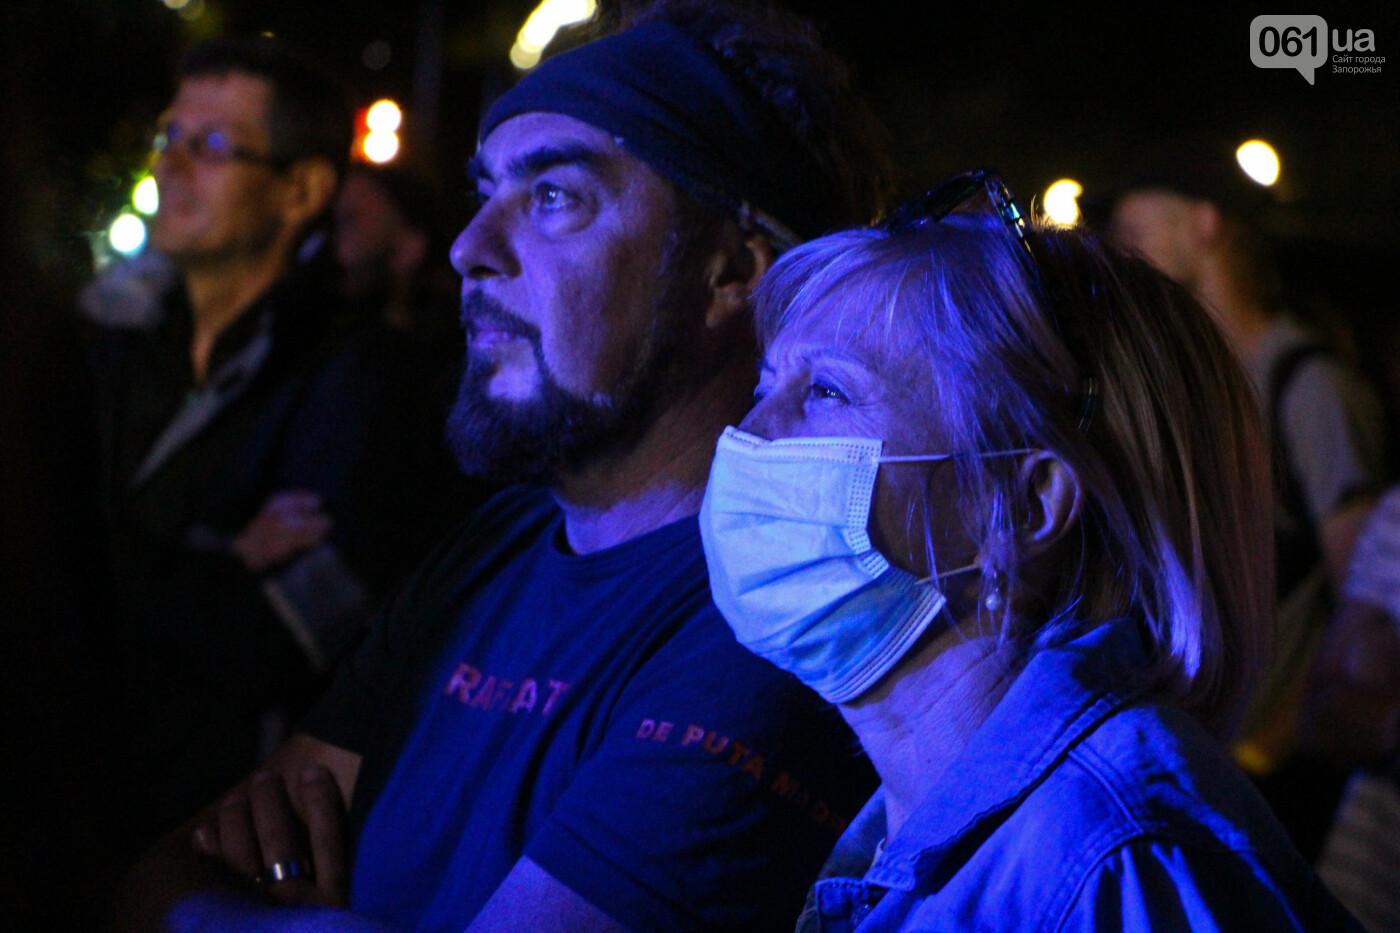 Концерт группы «Жадан і Собаки» собрал сотни запорожцев: как это было, - ФОТОРЕПОРТАЖ, фото-25